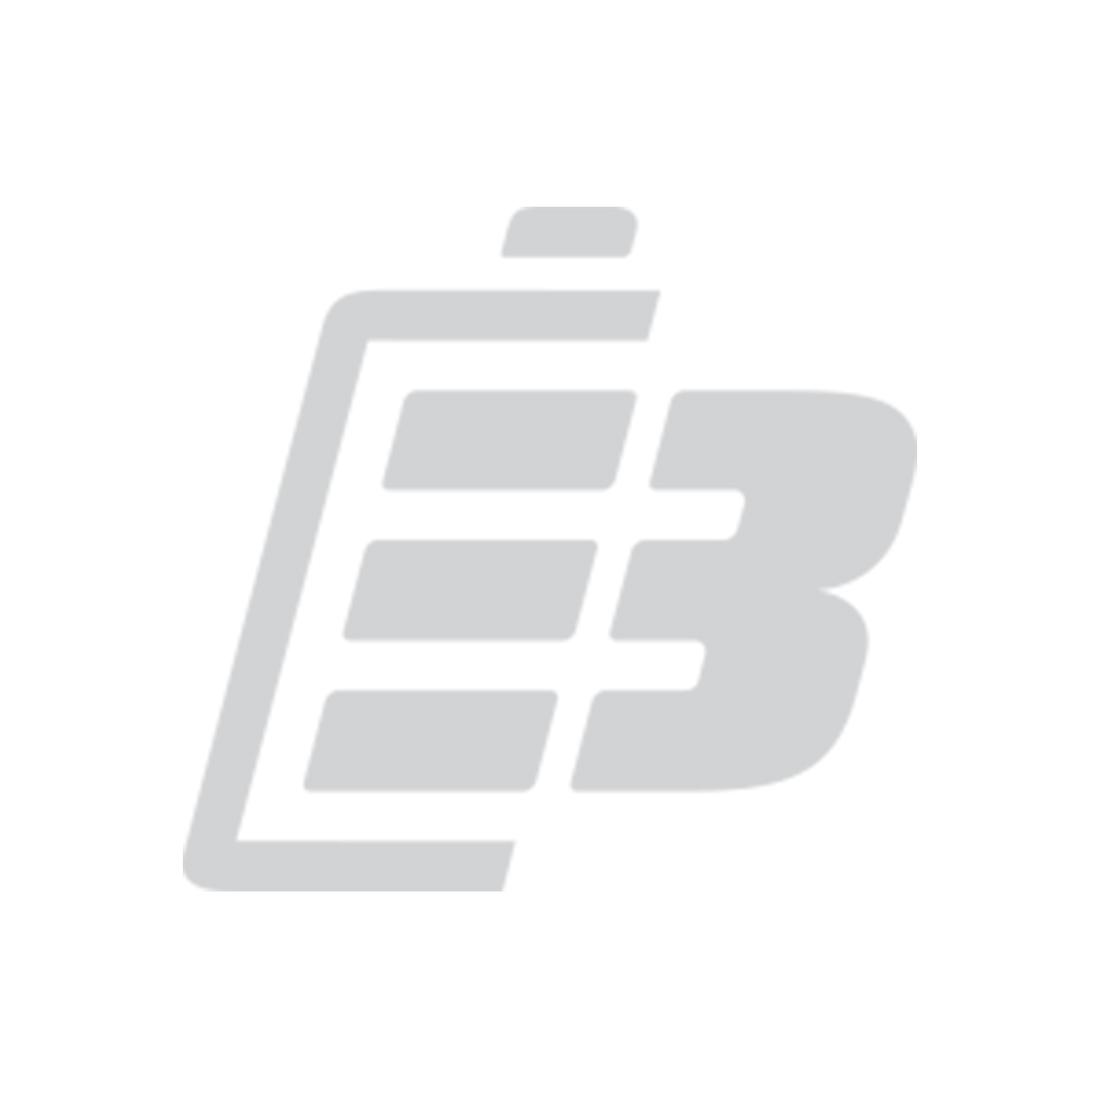 Wireless headset battery Plantronics Savi CS540_1